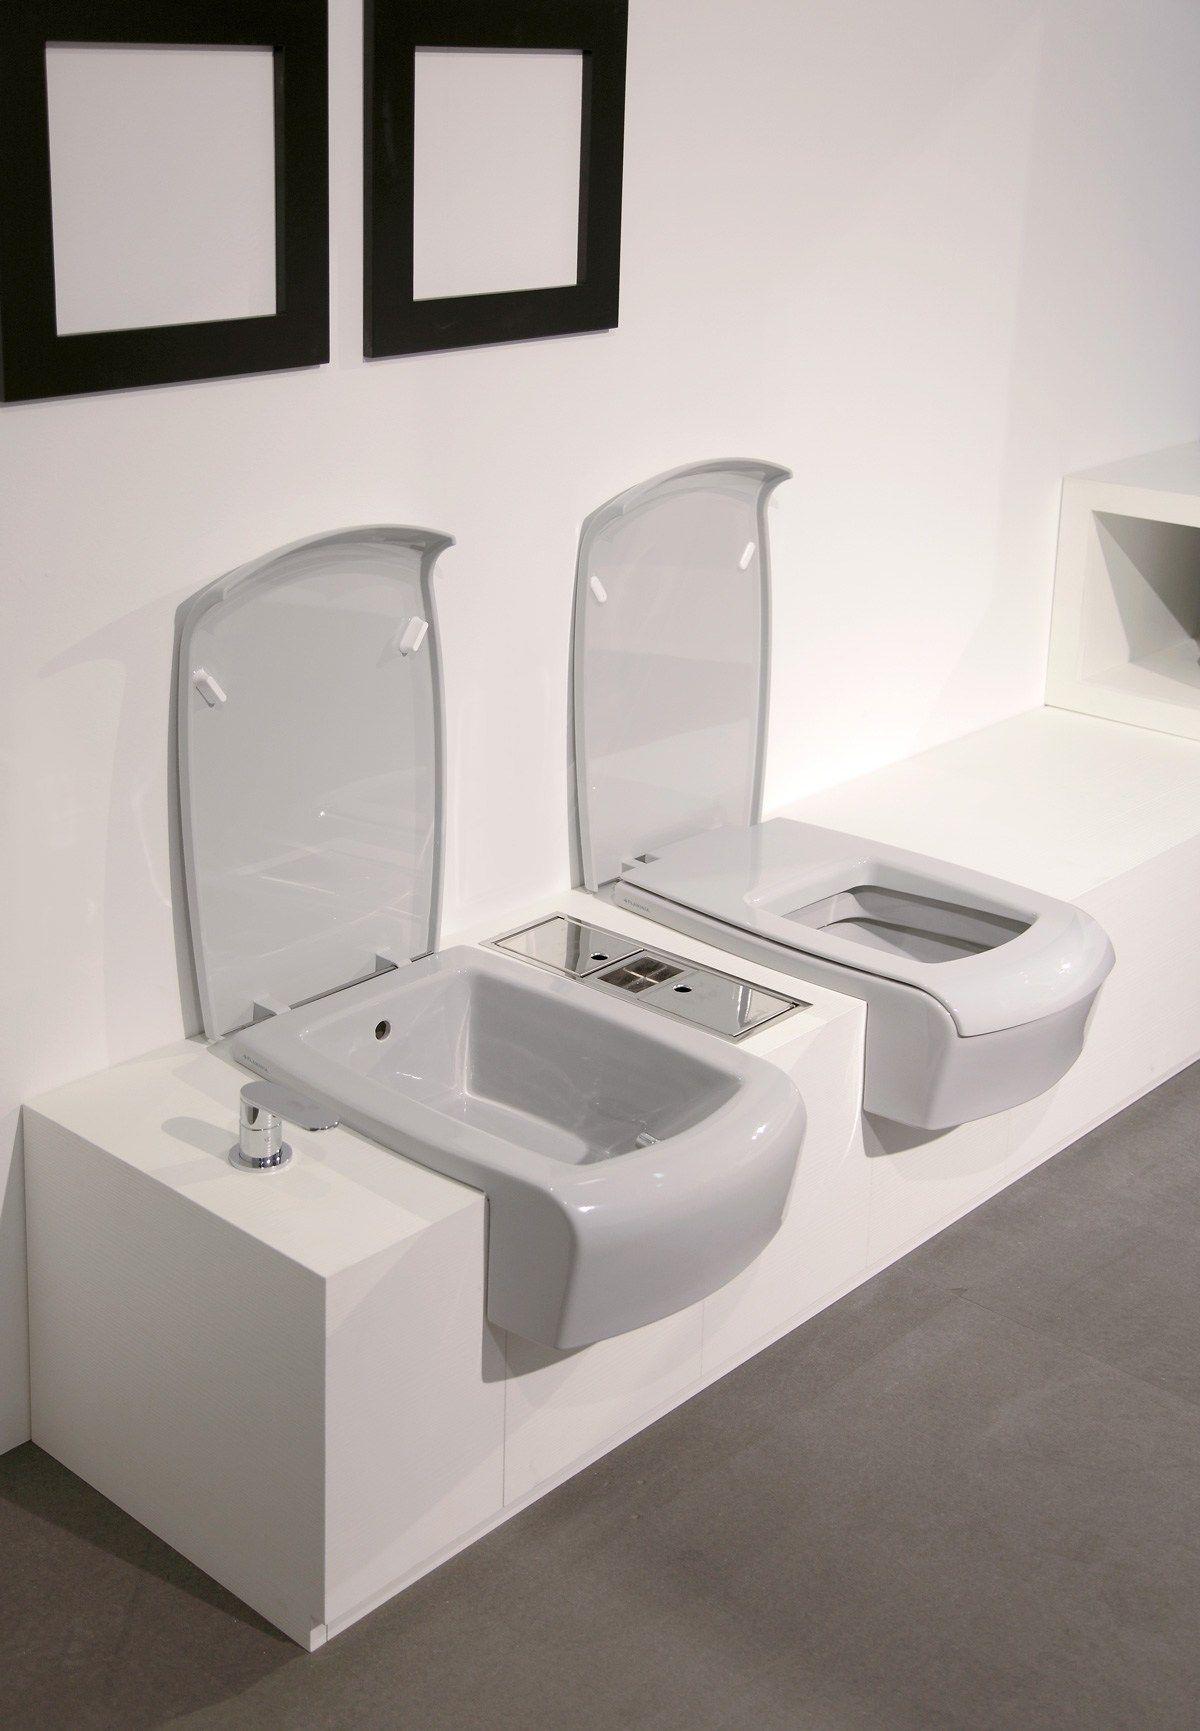 UNA Toilet by CERAMICA FLAMINIA design Romano Adolini